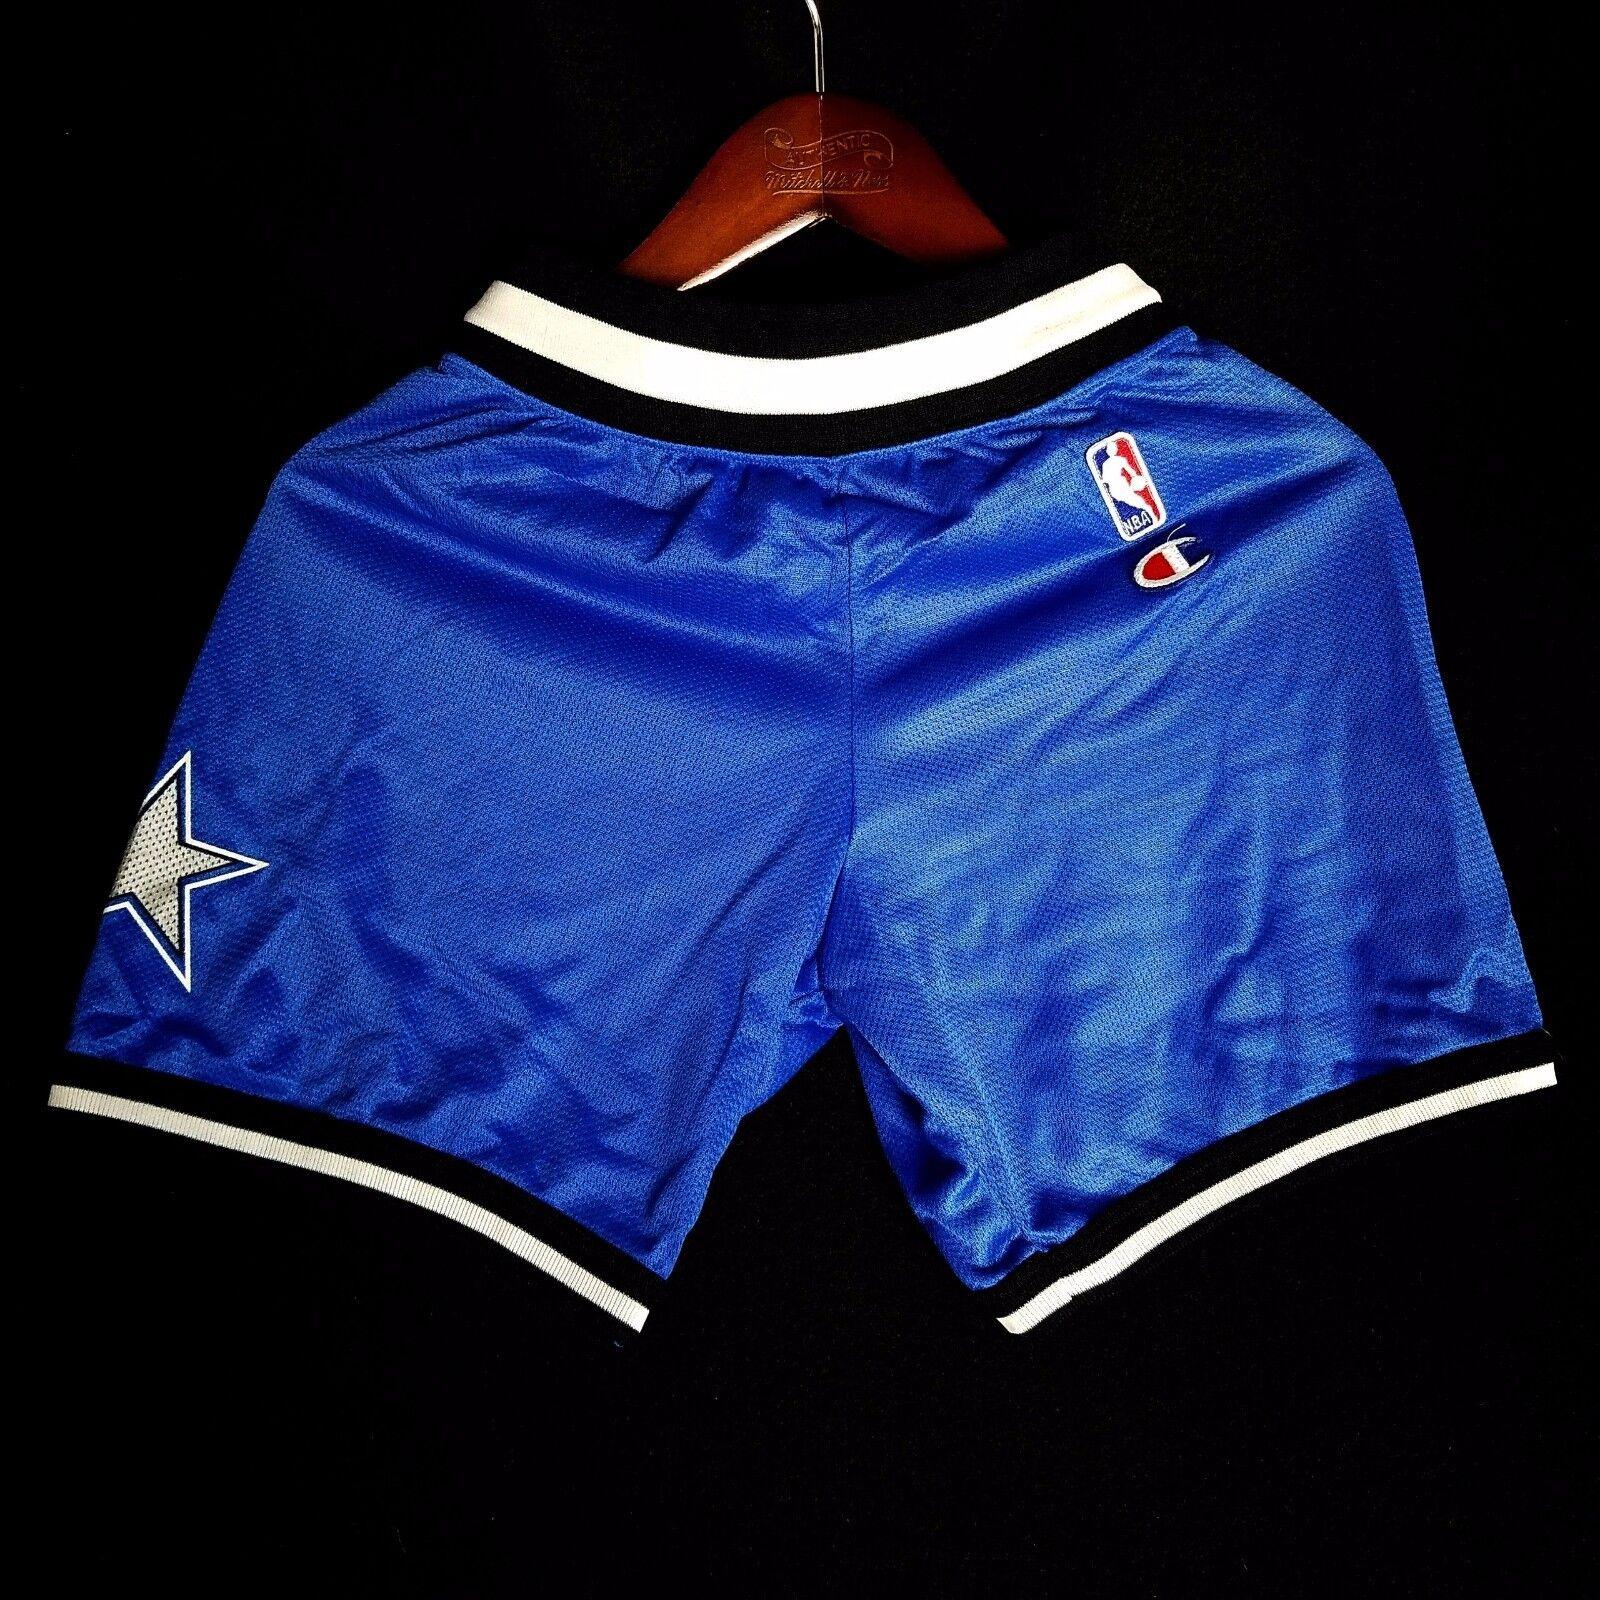 100% Authentisch Champion Orlando Magic Blau Blau Blau Shorts Größe Jugendliche L - Penny  | Lebhaft und liebenswert  38f67b